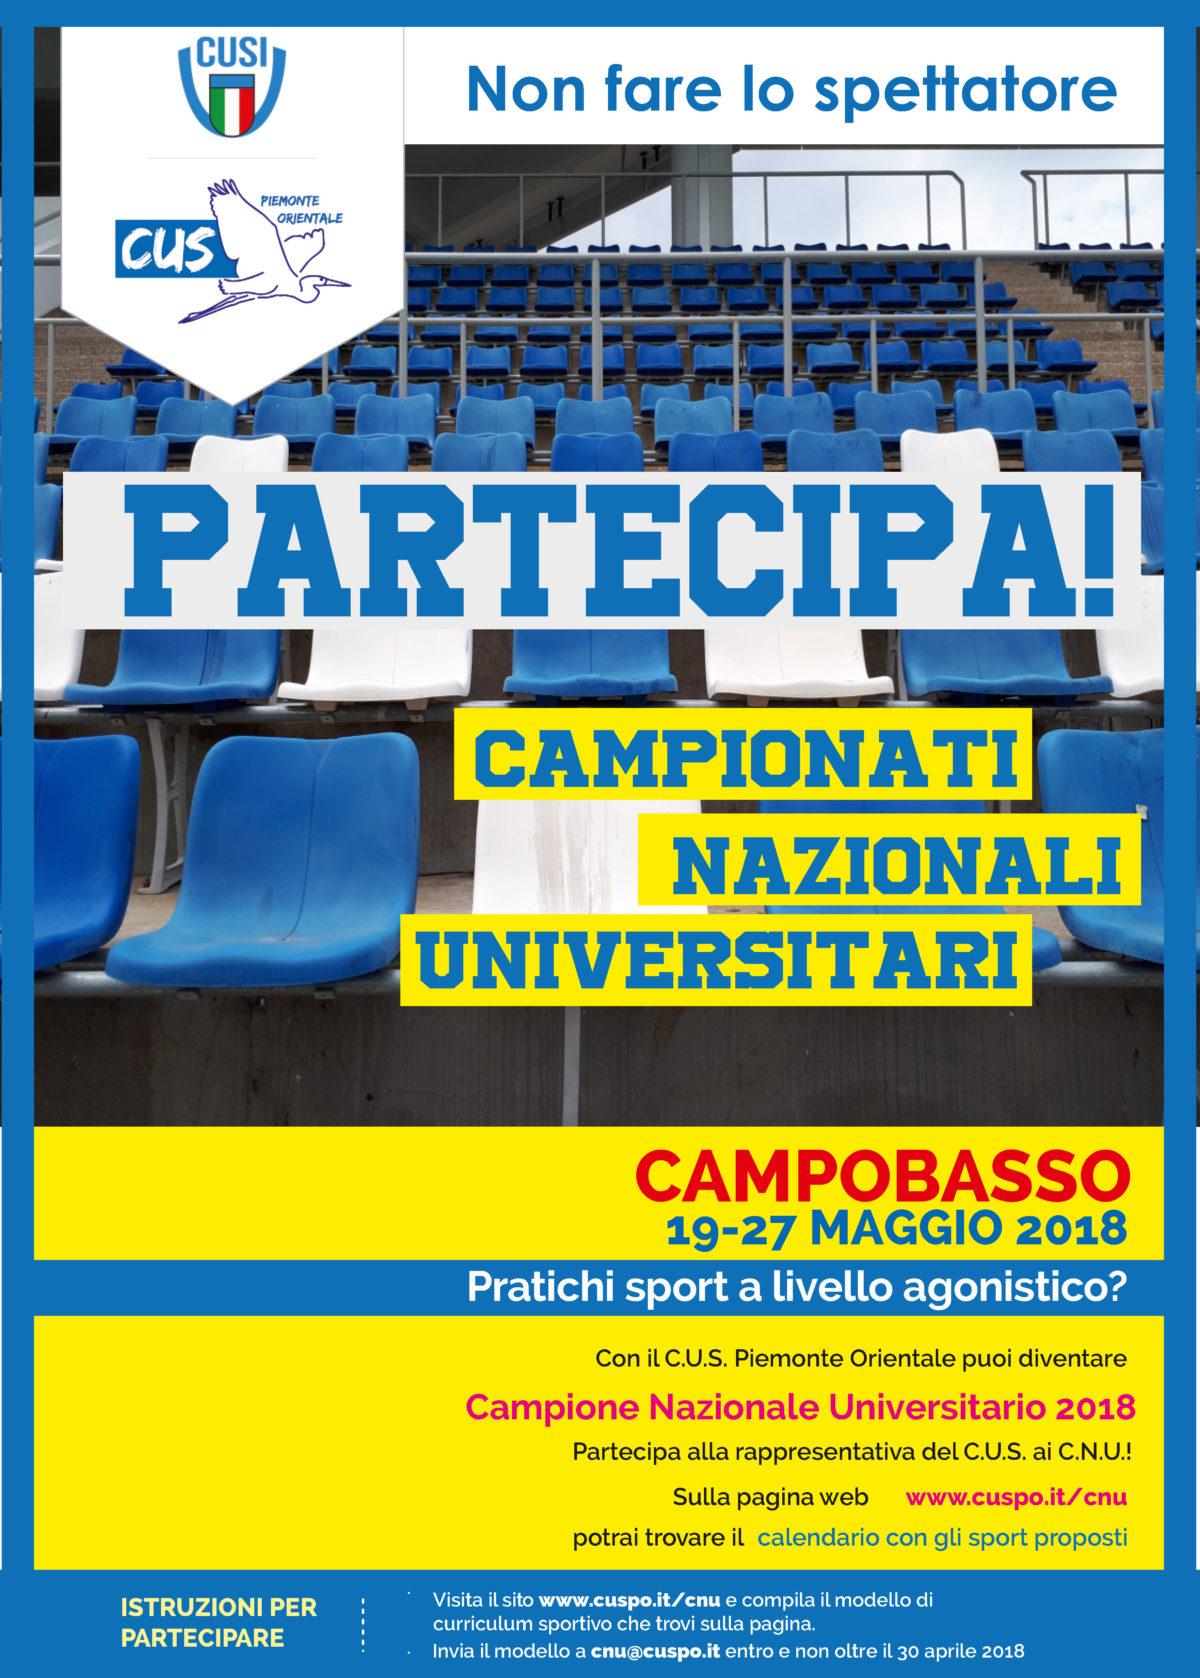 Campionati Nazionali Universitari